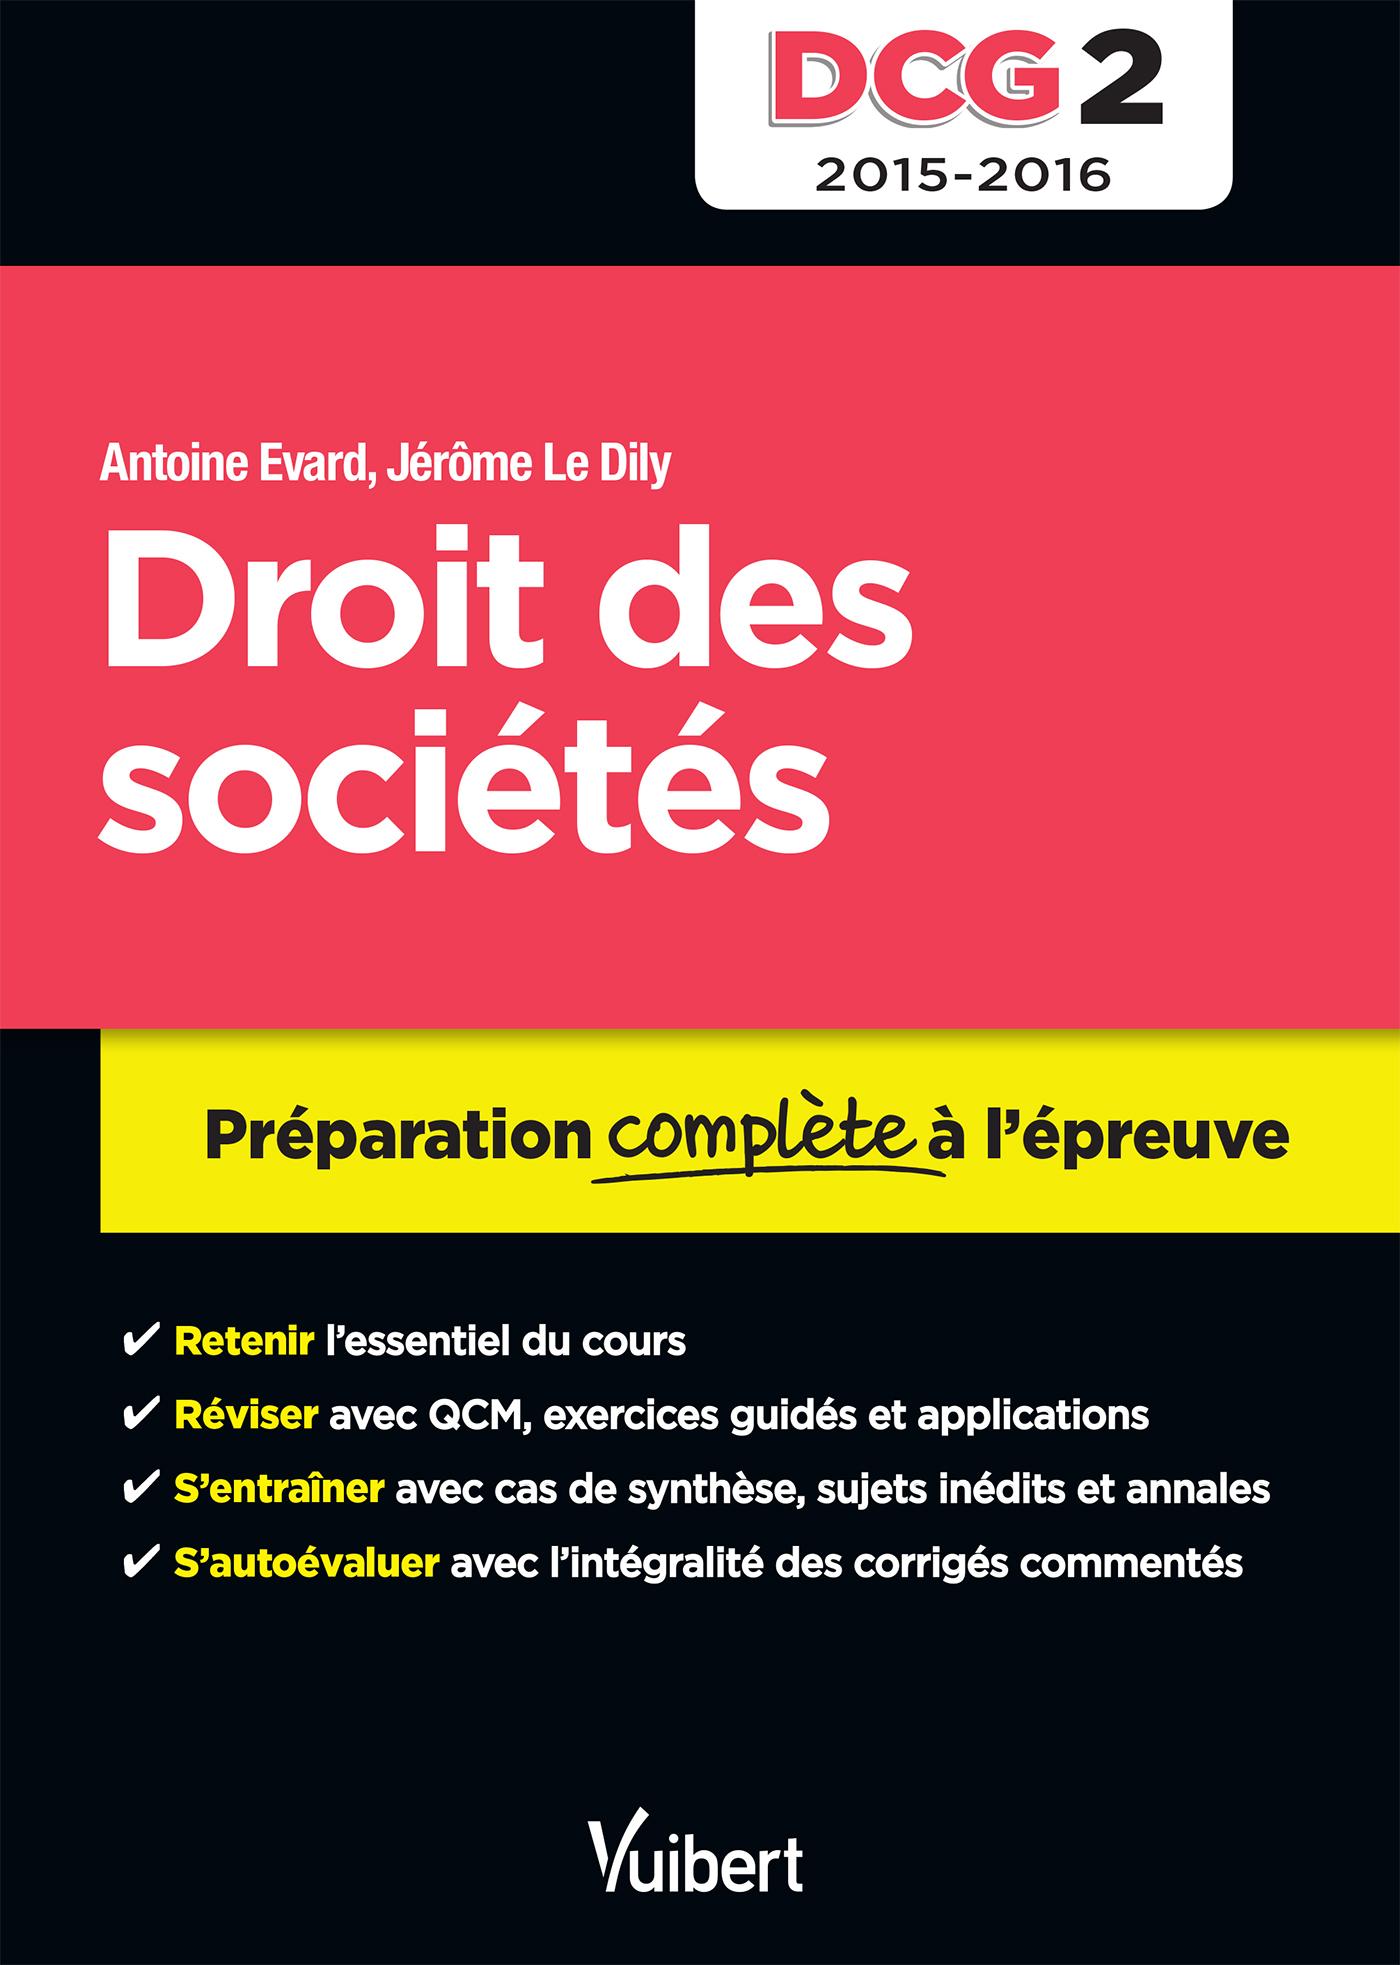 DCG 2 DROIT DES SOCIETES